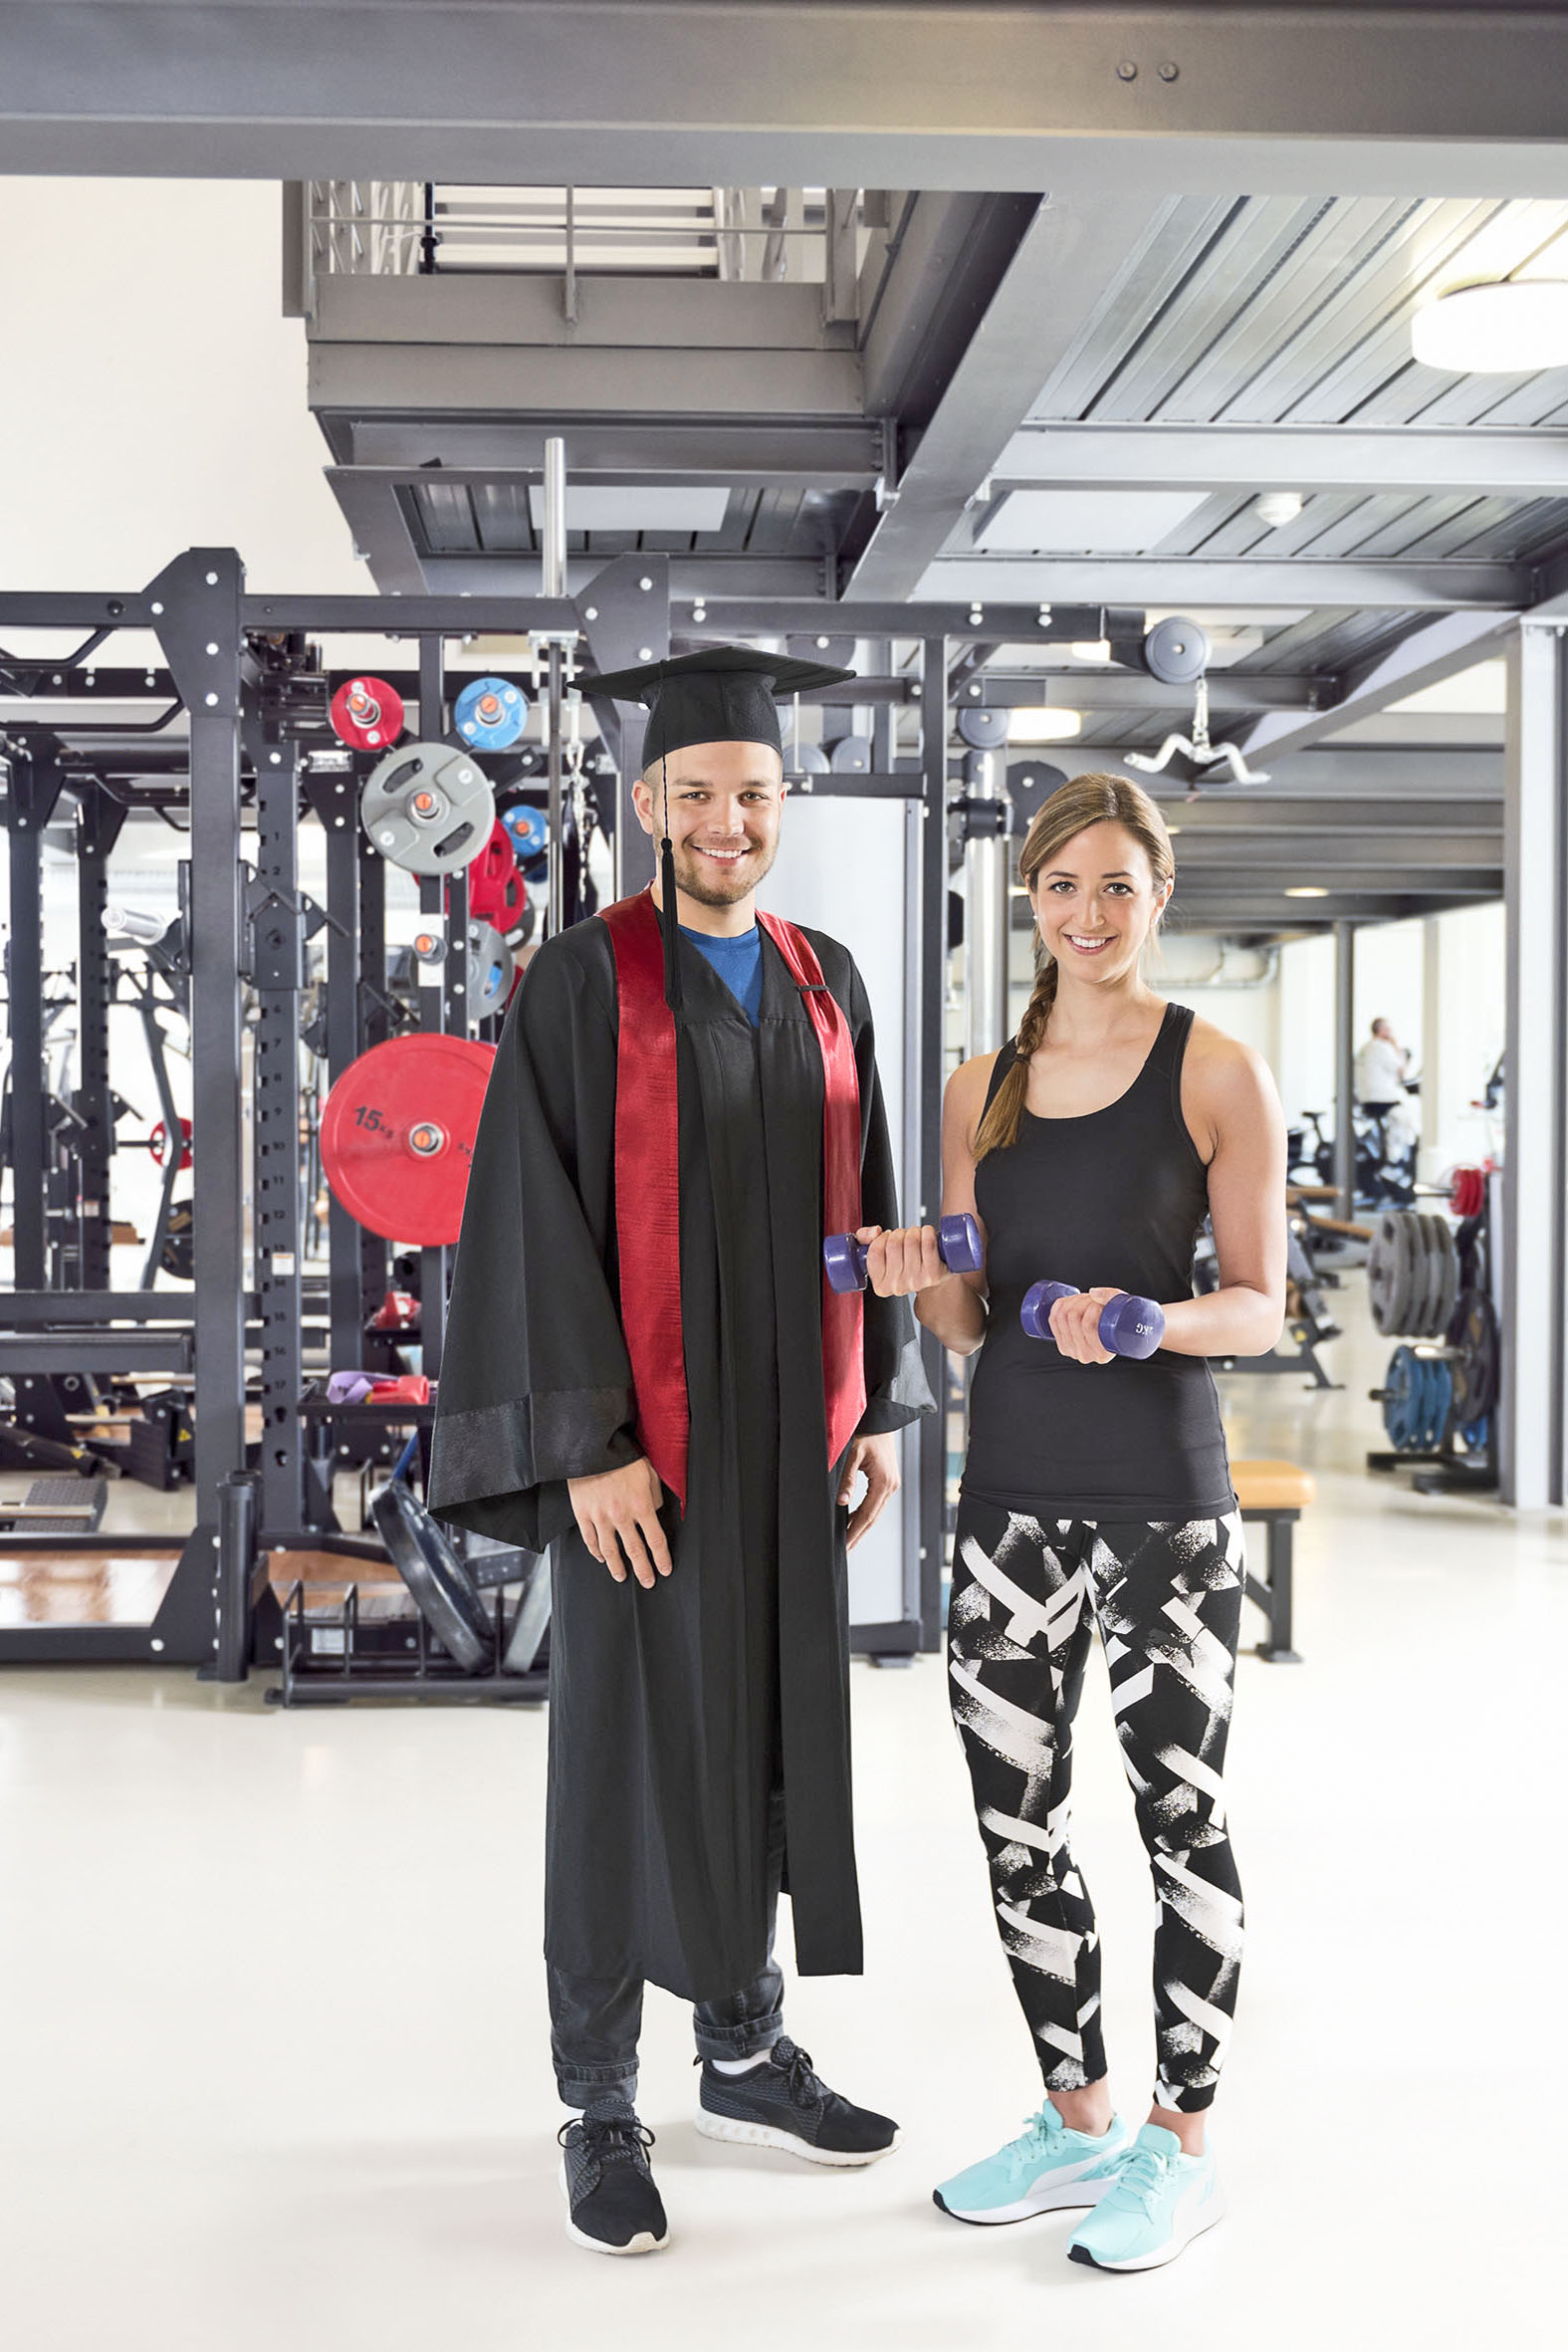 Während des dualen Studiums kann man wichtige und praktische Berufserfahrung sammeln.